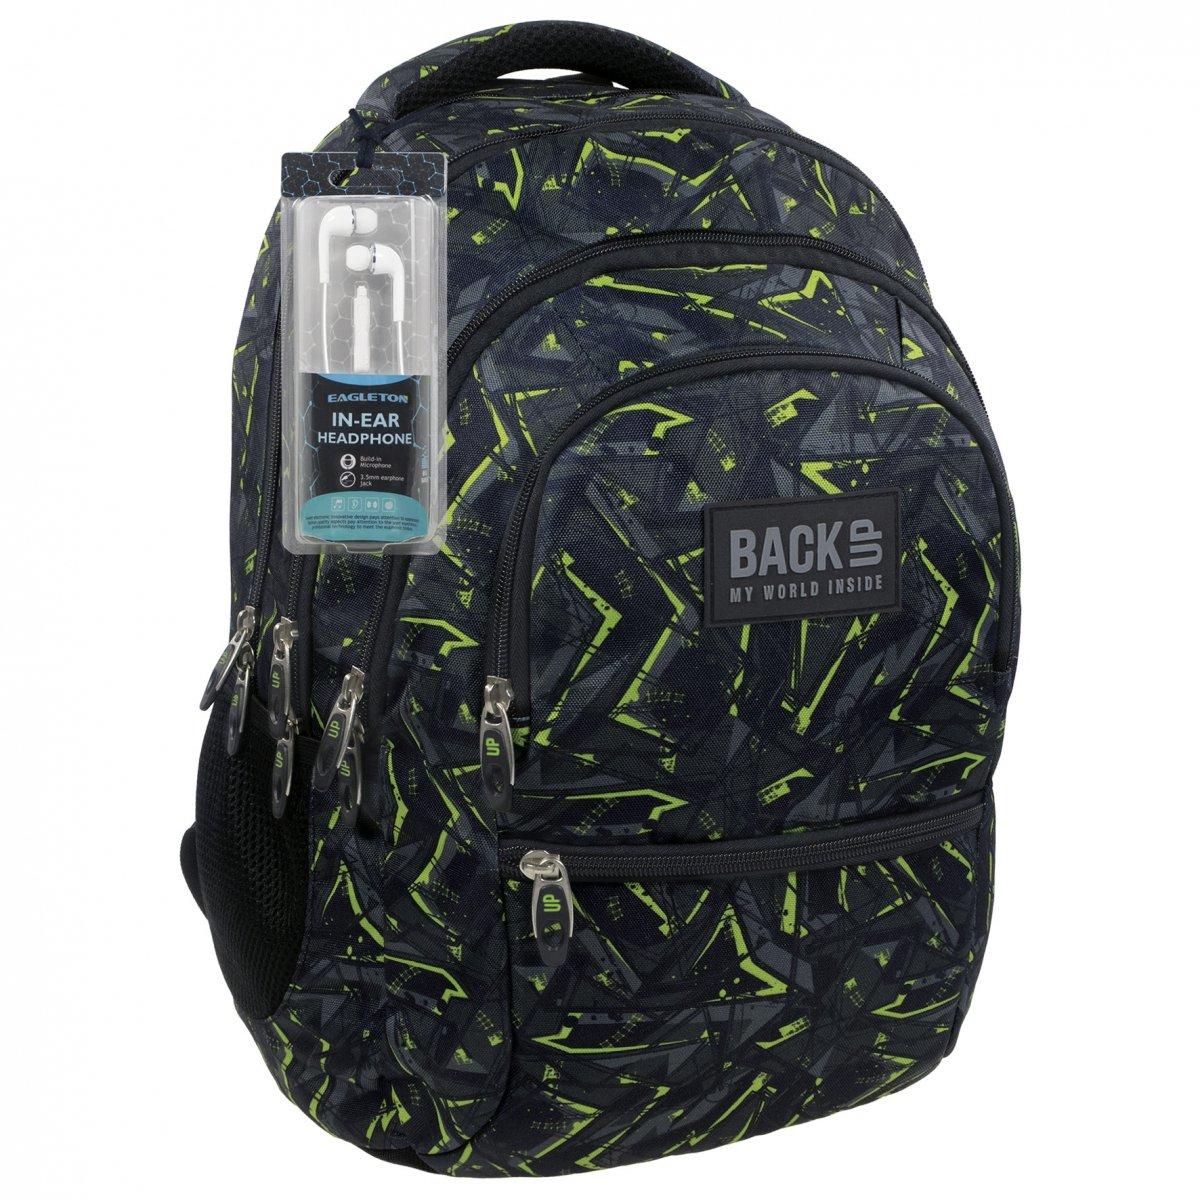 4e4395f2f7eee Plecak szkolny młodzieżowy Back UP zielone wzory GREEN SCRATCH + słuchawki  (PLB1C31)